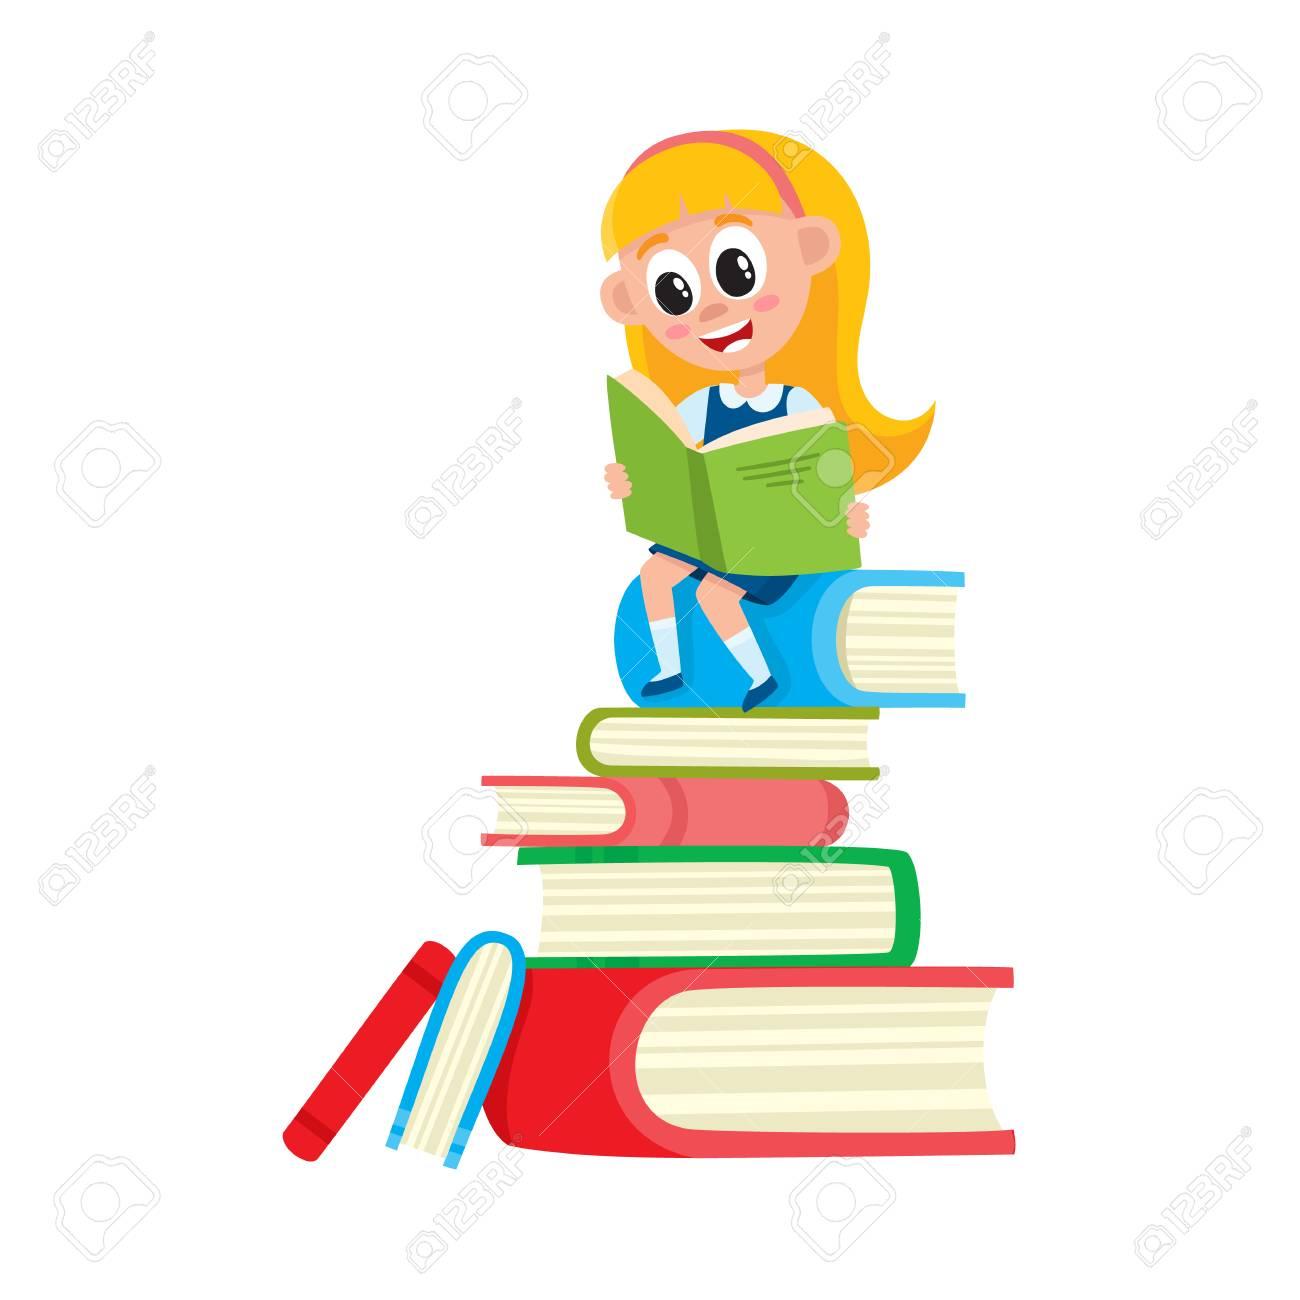 Petite Fille Lisant Assis Sur Une Pile Enorme Pile De Livres Illustration De Vecteur De Dessin Anime Isole Sur Fond Blanc Fille Lisant Sur Une